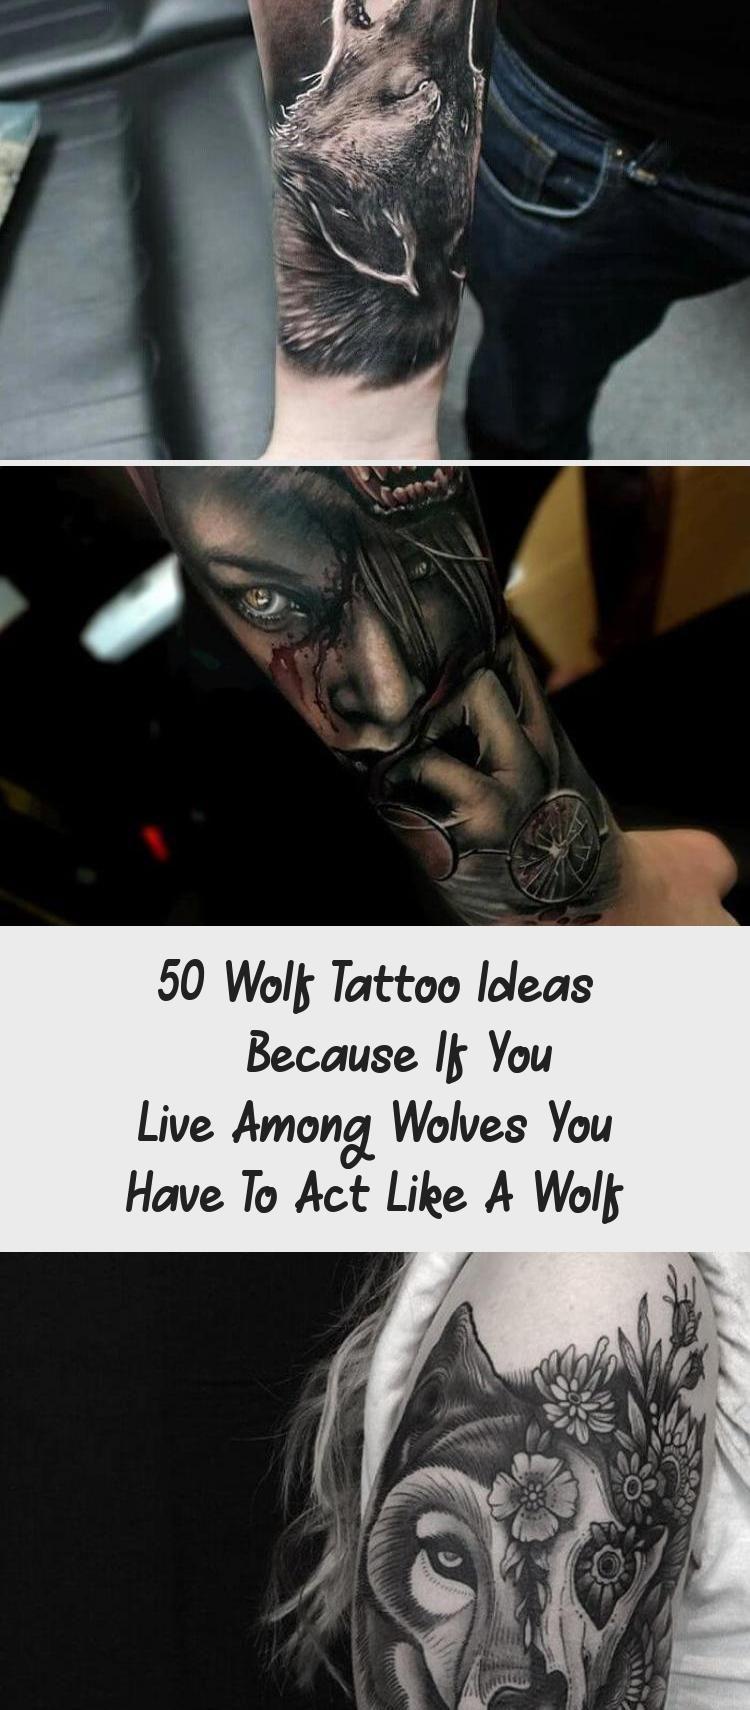 50 Wolf Tattoo Ideen  Denn wenn Sie unter Wölfen leben müssen Sie sich wie ein W   50 Wolf Tattoo Ideen  Denn wenn Sie unter Wölfen leben müssen Sie s...